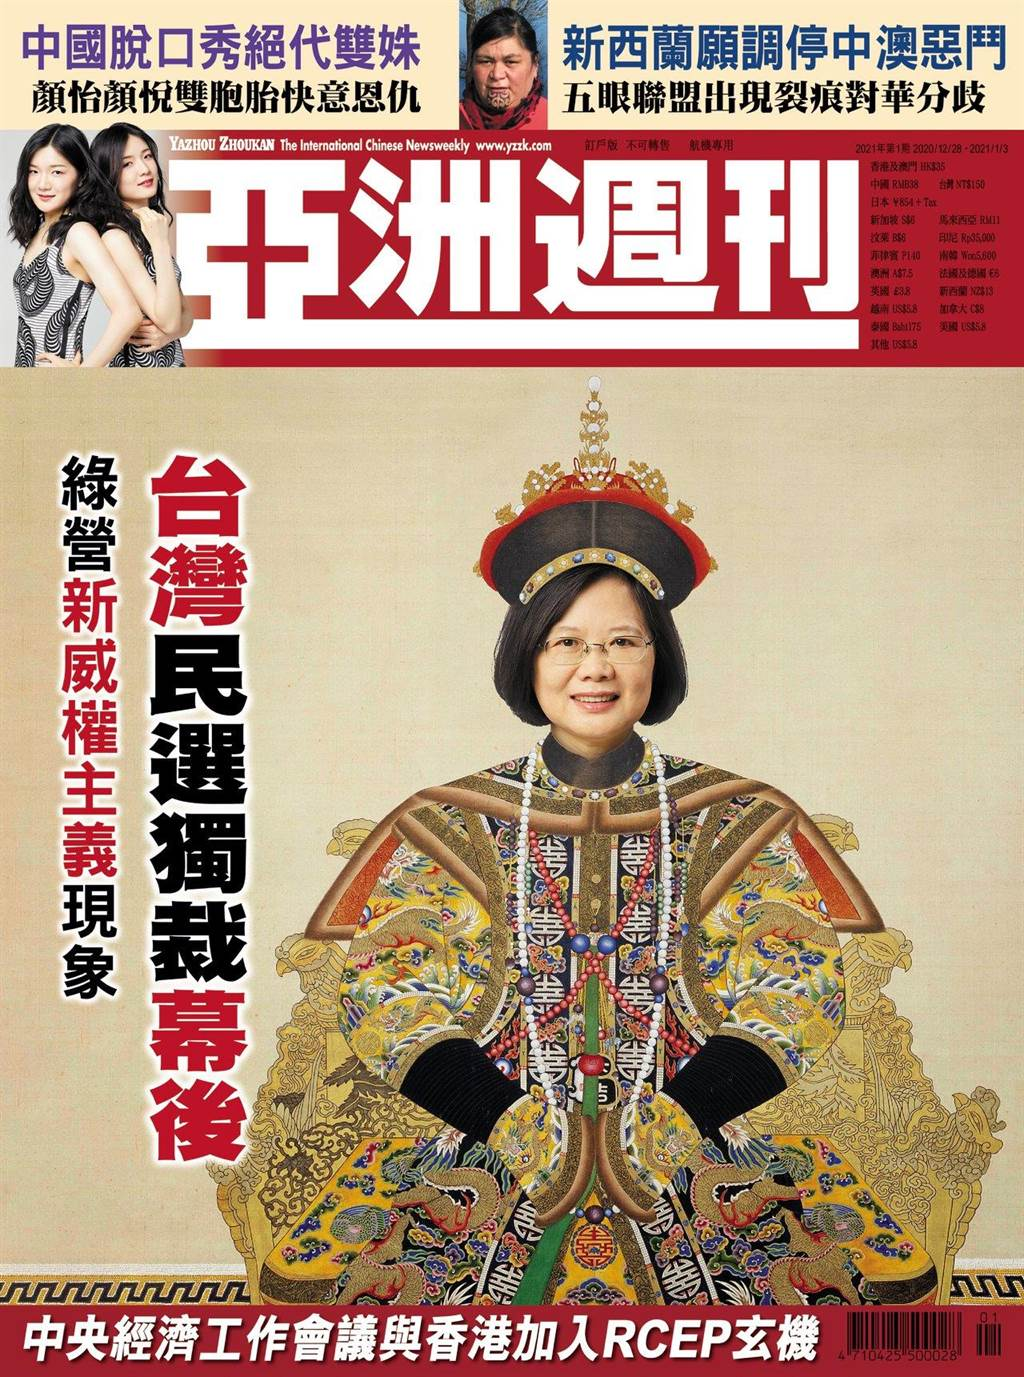 亞洲週刊2020年12月24日最新封面專題——台灣民選獨裁幕後 綠營新威權主義現象。(圖/翻攝自 亞洲週刊)